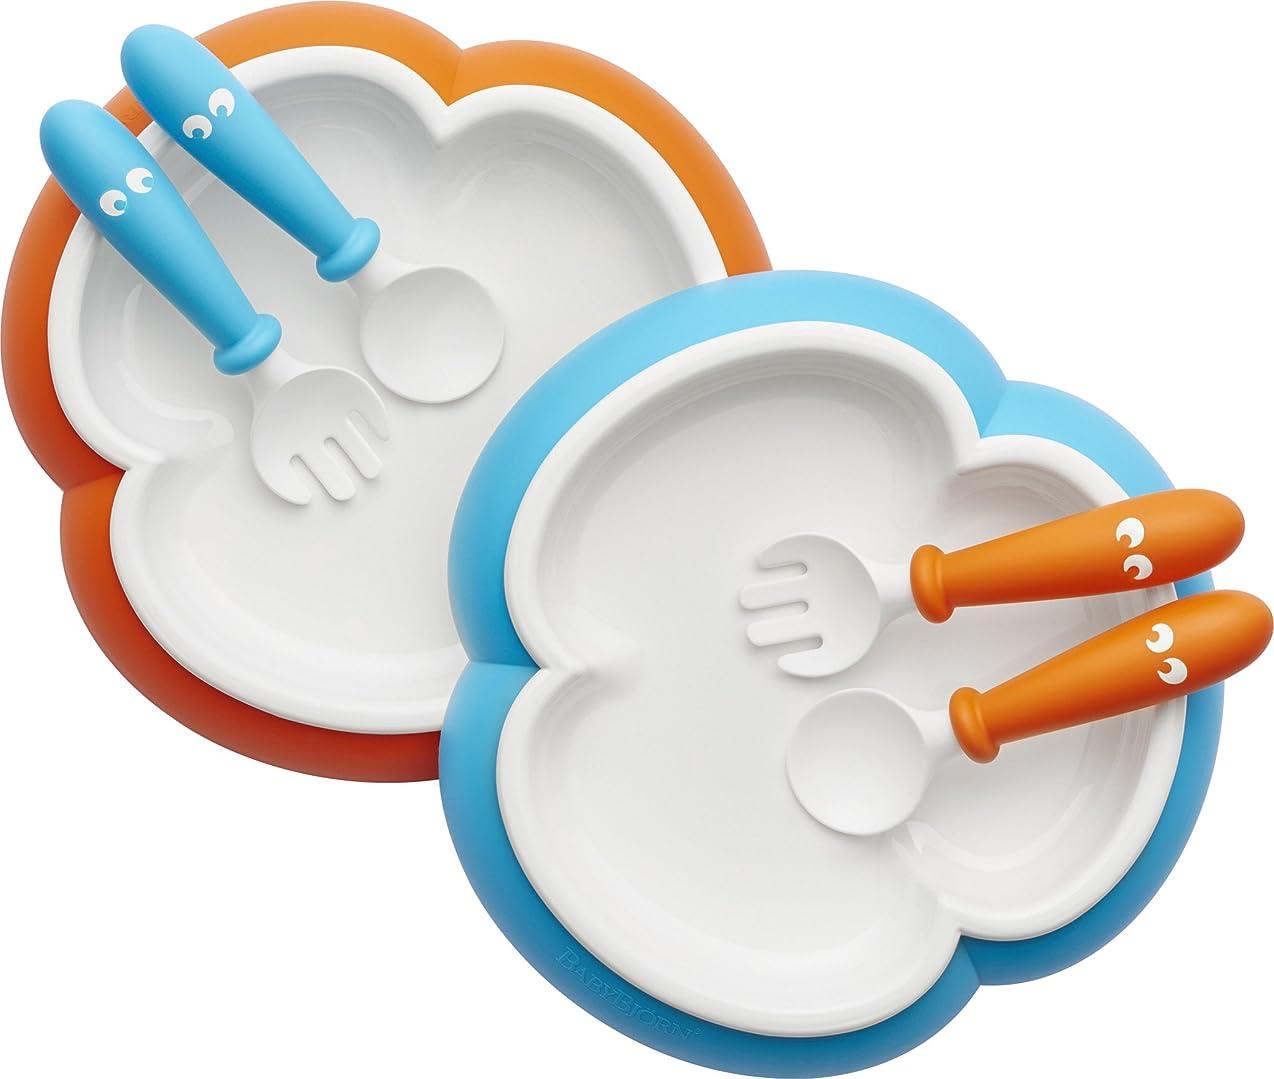 ブロンズ支配的驚いたBABYBJORN Baby Plate, Spoon and Fork - Orange/Turquoise, by BabyBj?rn